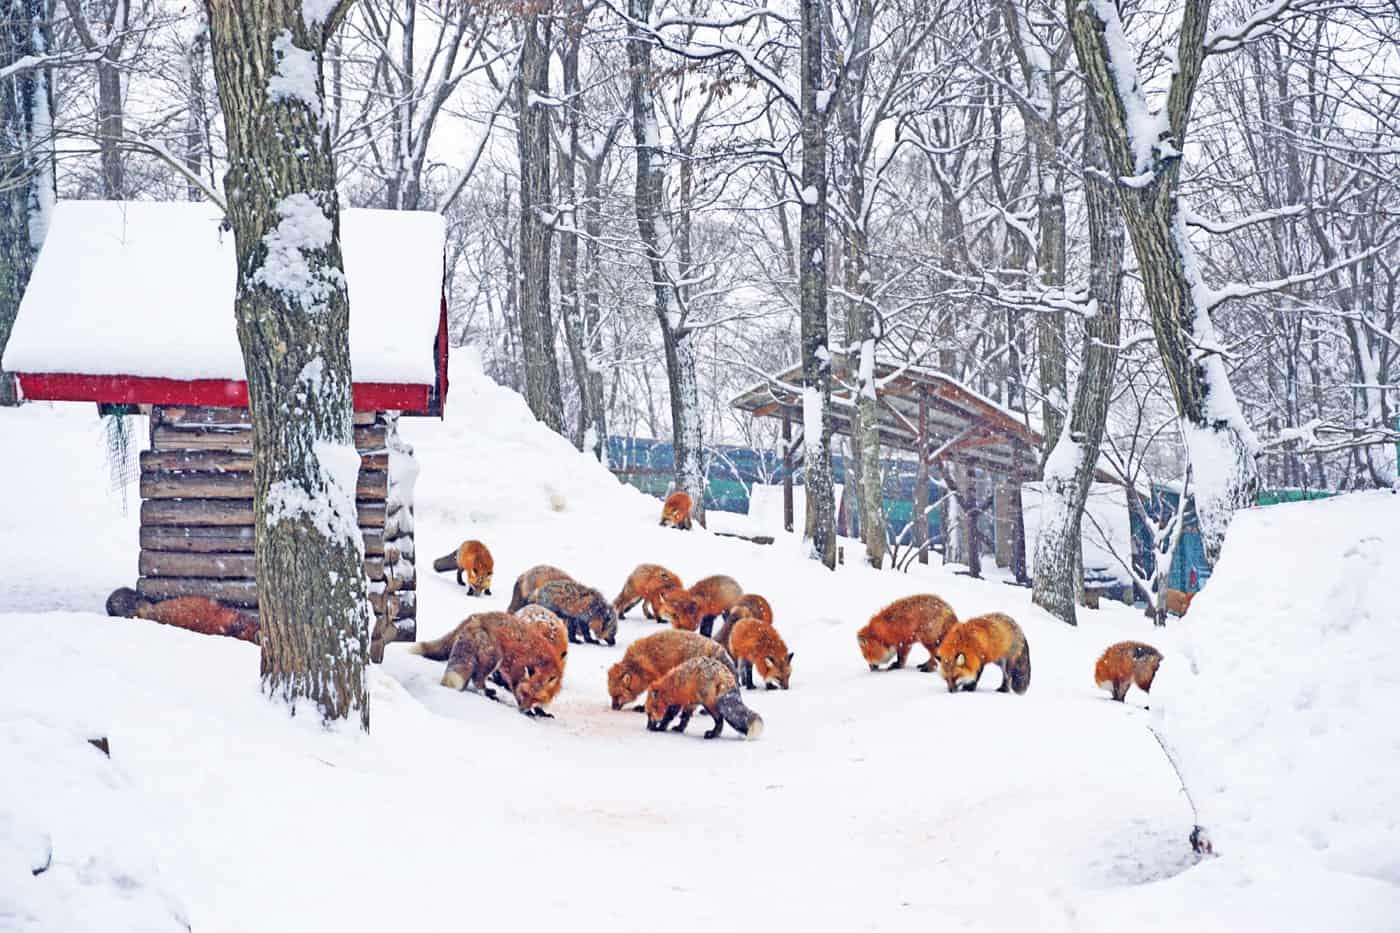 หมู่บ้านสุนัขจิ้งจอกซาโอะ (Zao Fox Village)